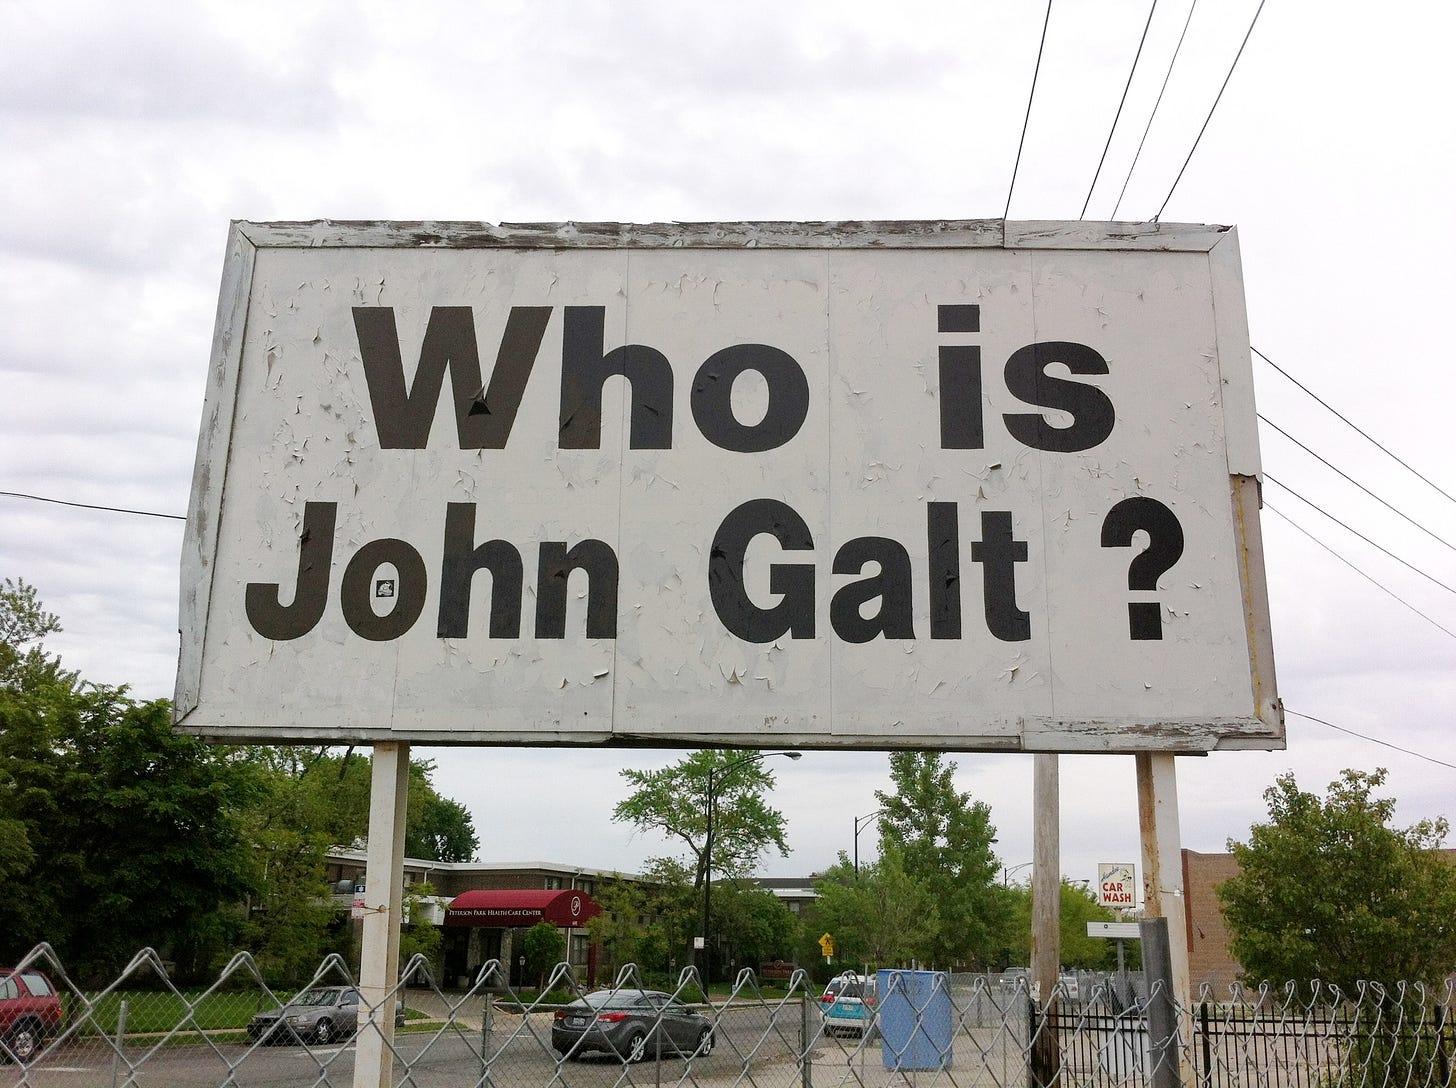 File:Who is John Galt? Sign.jpg - Wikimedia Commons